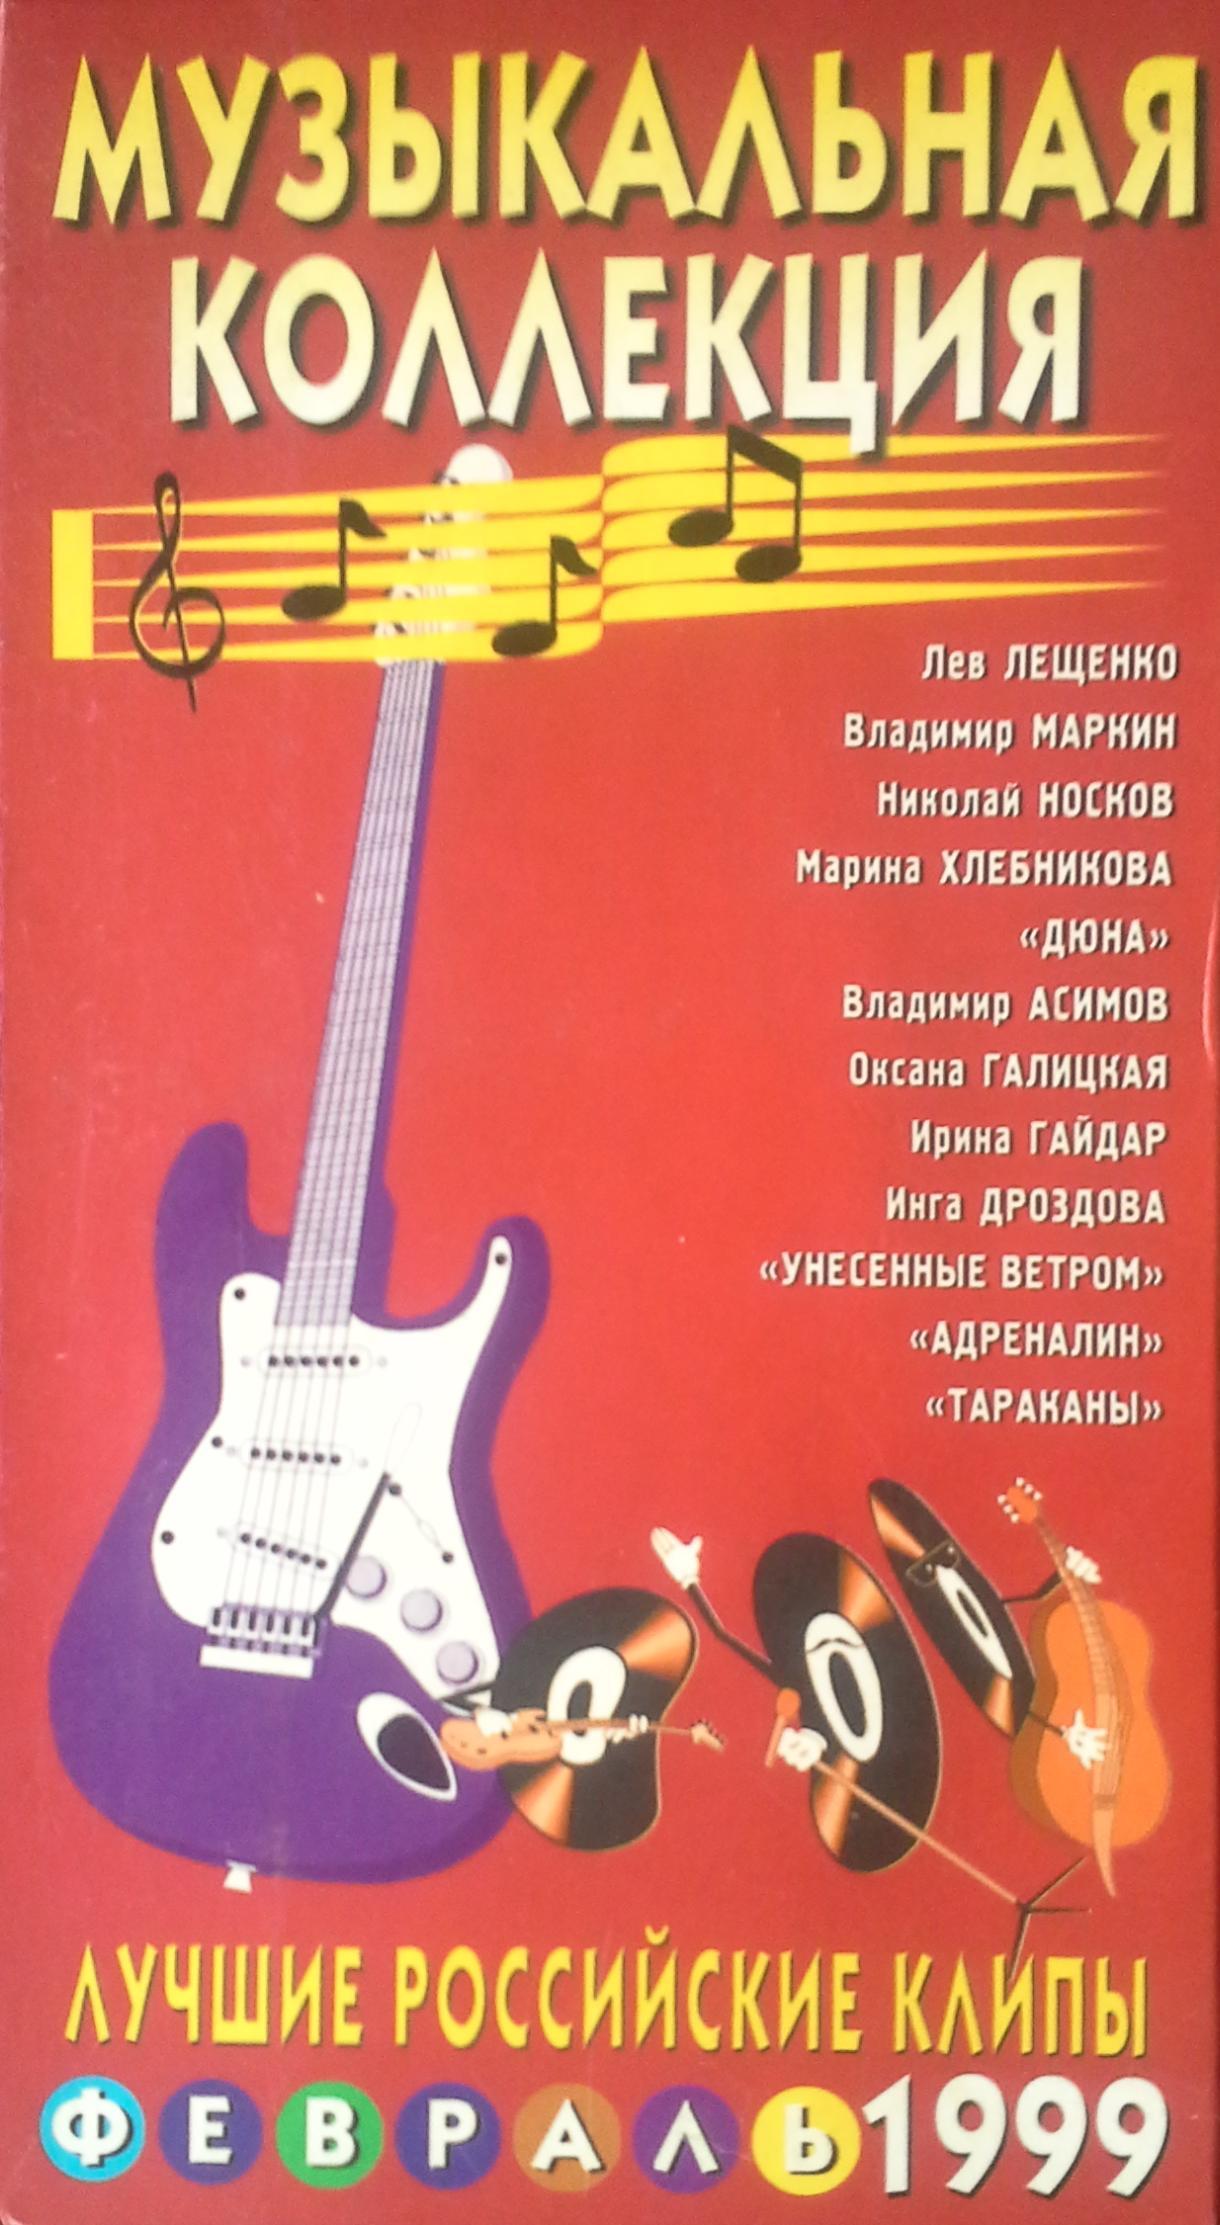 Музыкальная Коллекция - Лучшие Российские Клипы (Февраль 1999) (1)1.jpg